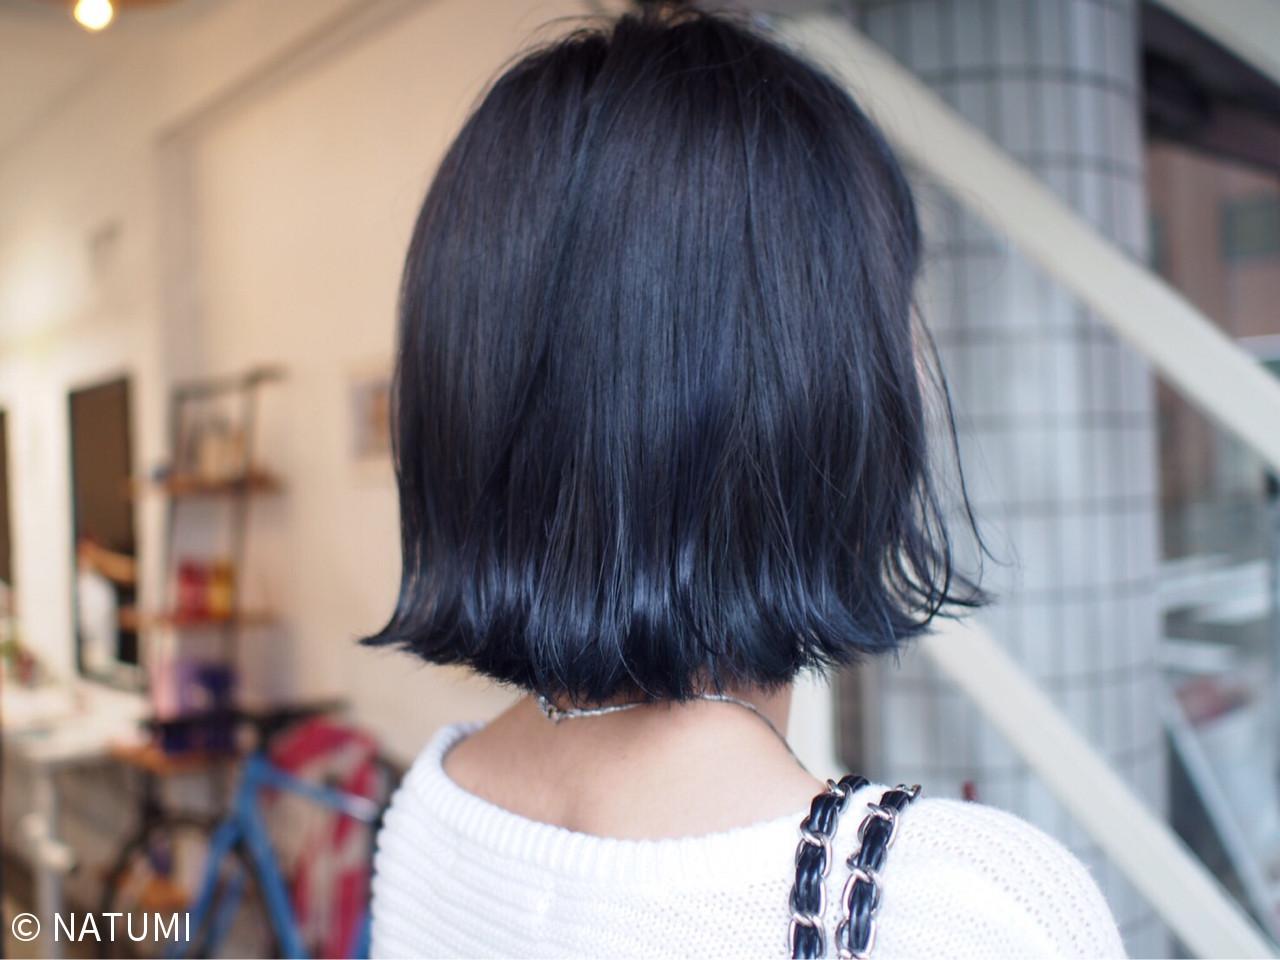 ボブ ダブルカラー ストリート 暗髪 ヘアスタイルや髪型の写真・画像